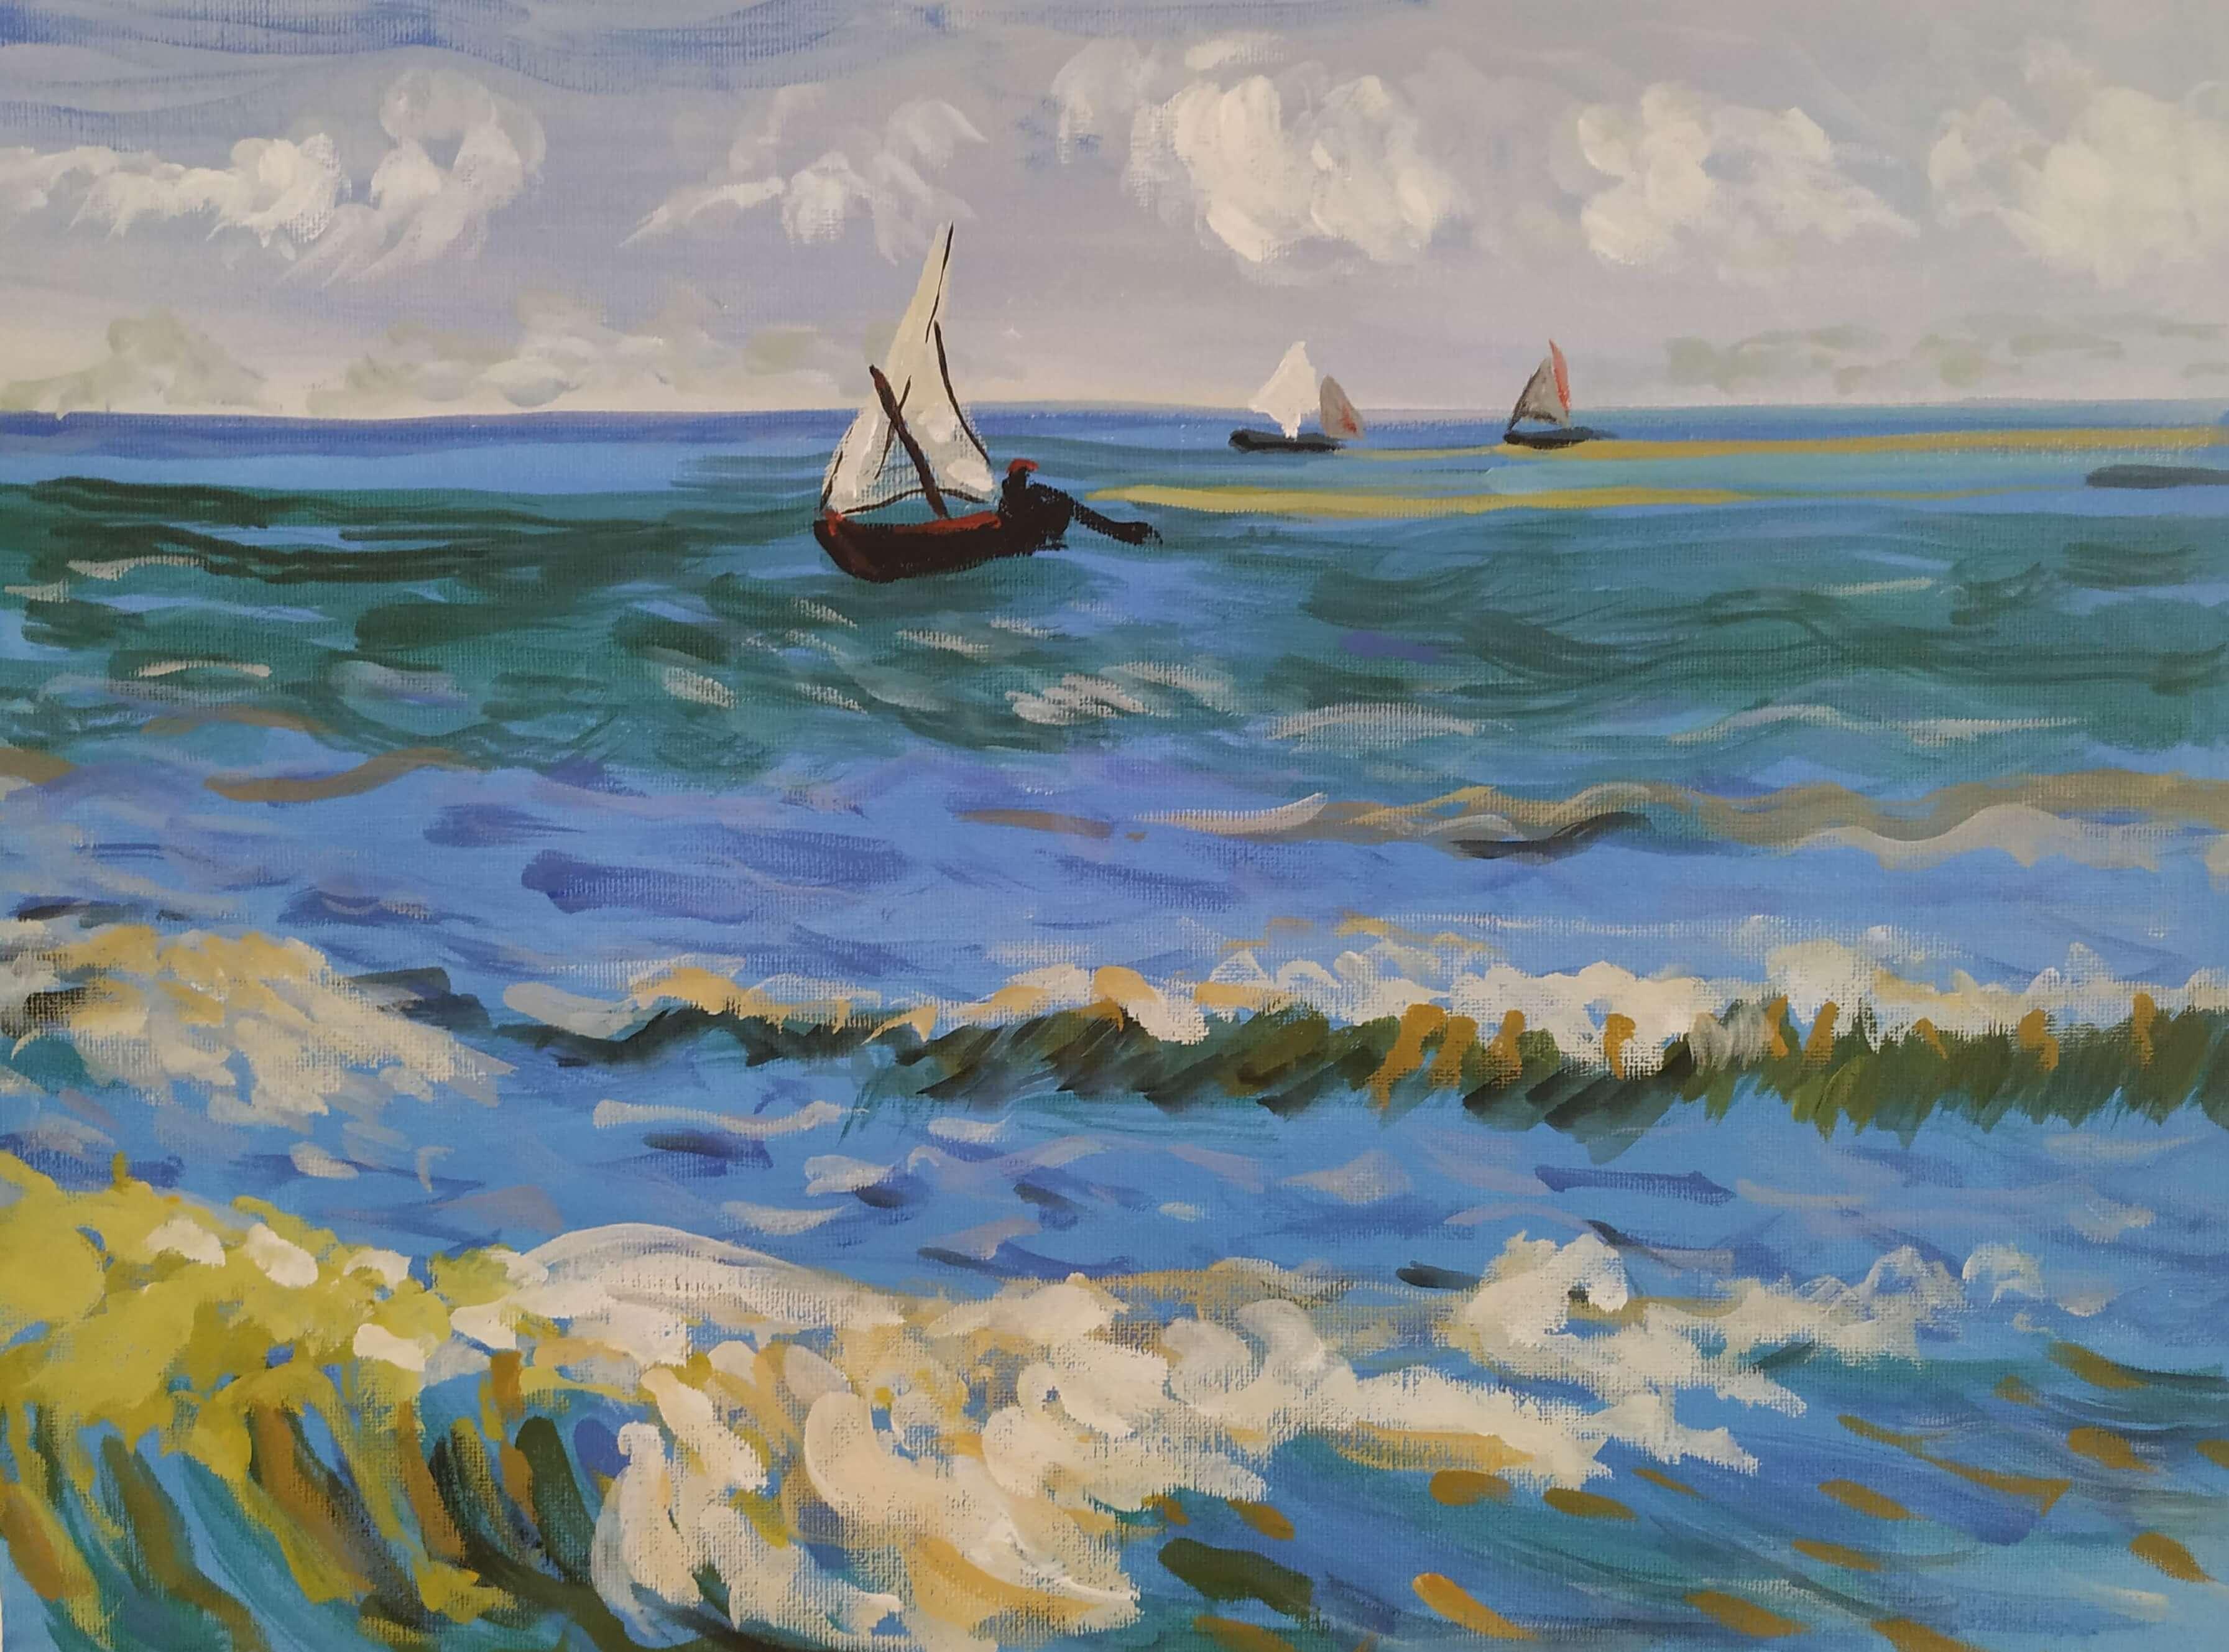 """Вино, забавление и рисуване с акрил  """"Морски пейзаж близо до Сен Мари де ла Мер"""" на Винсент Ван Гог 31.03.2021 г."""